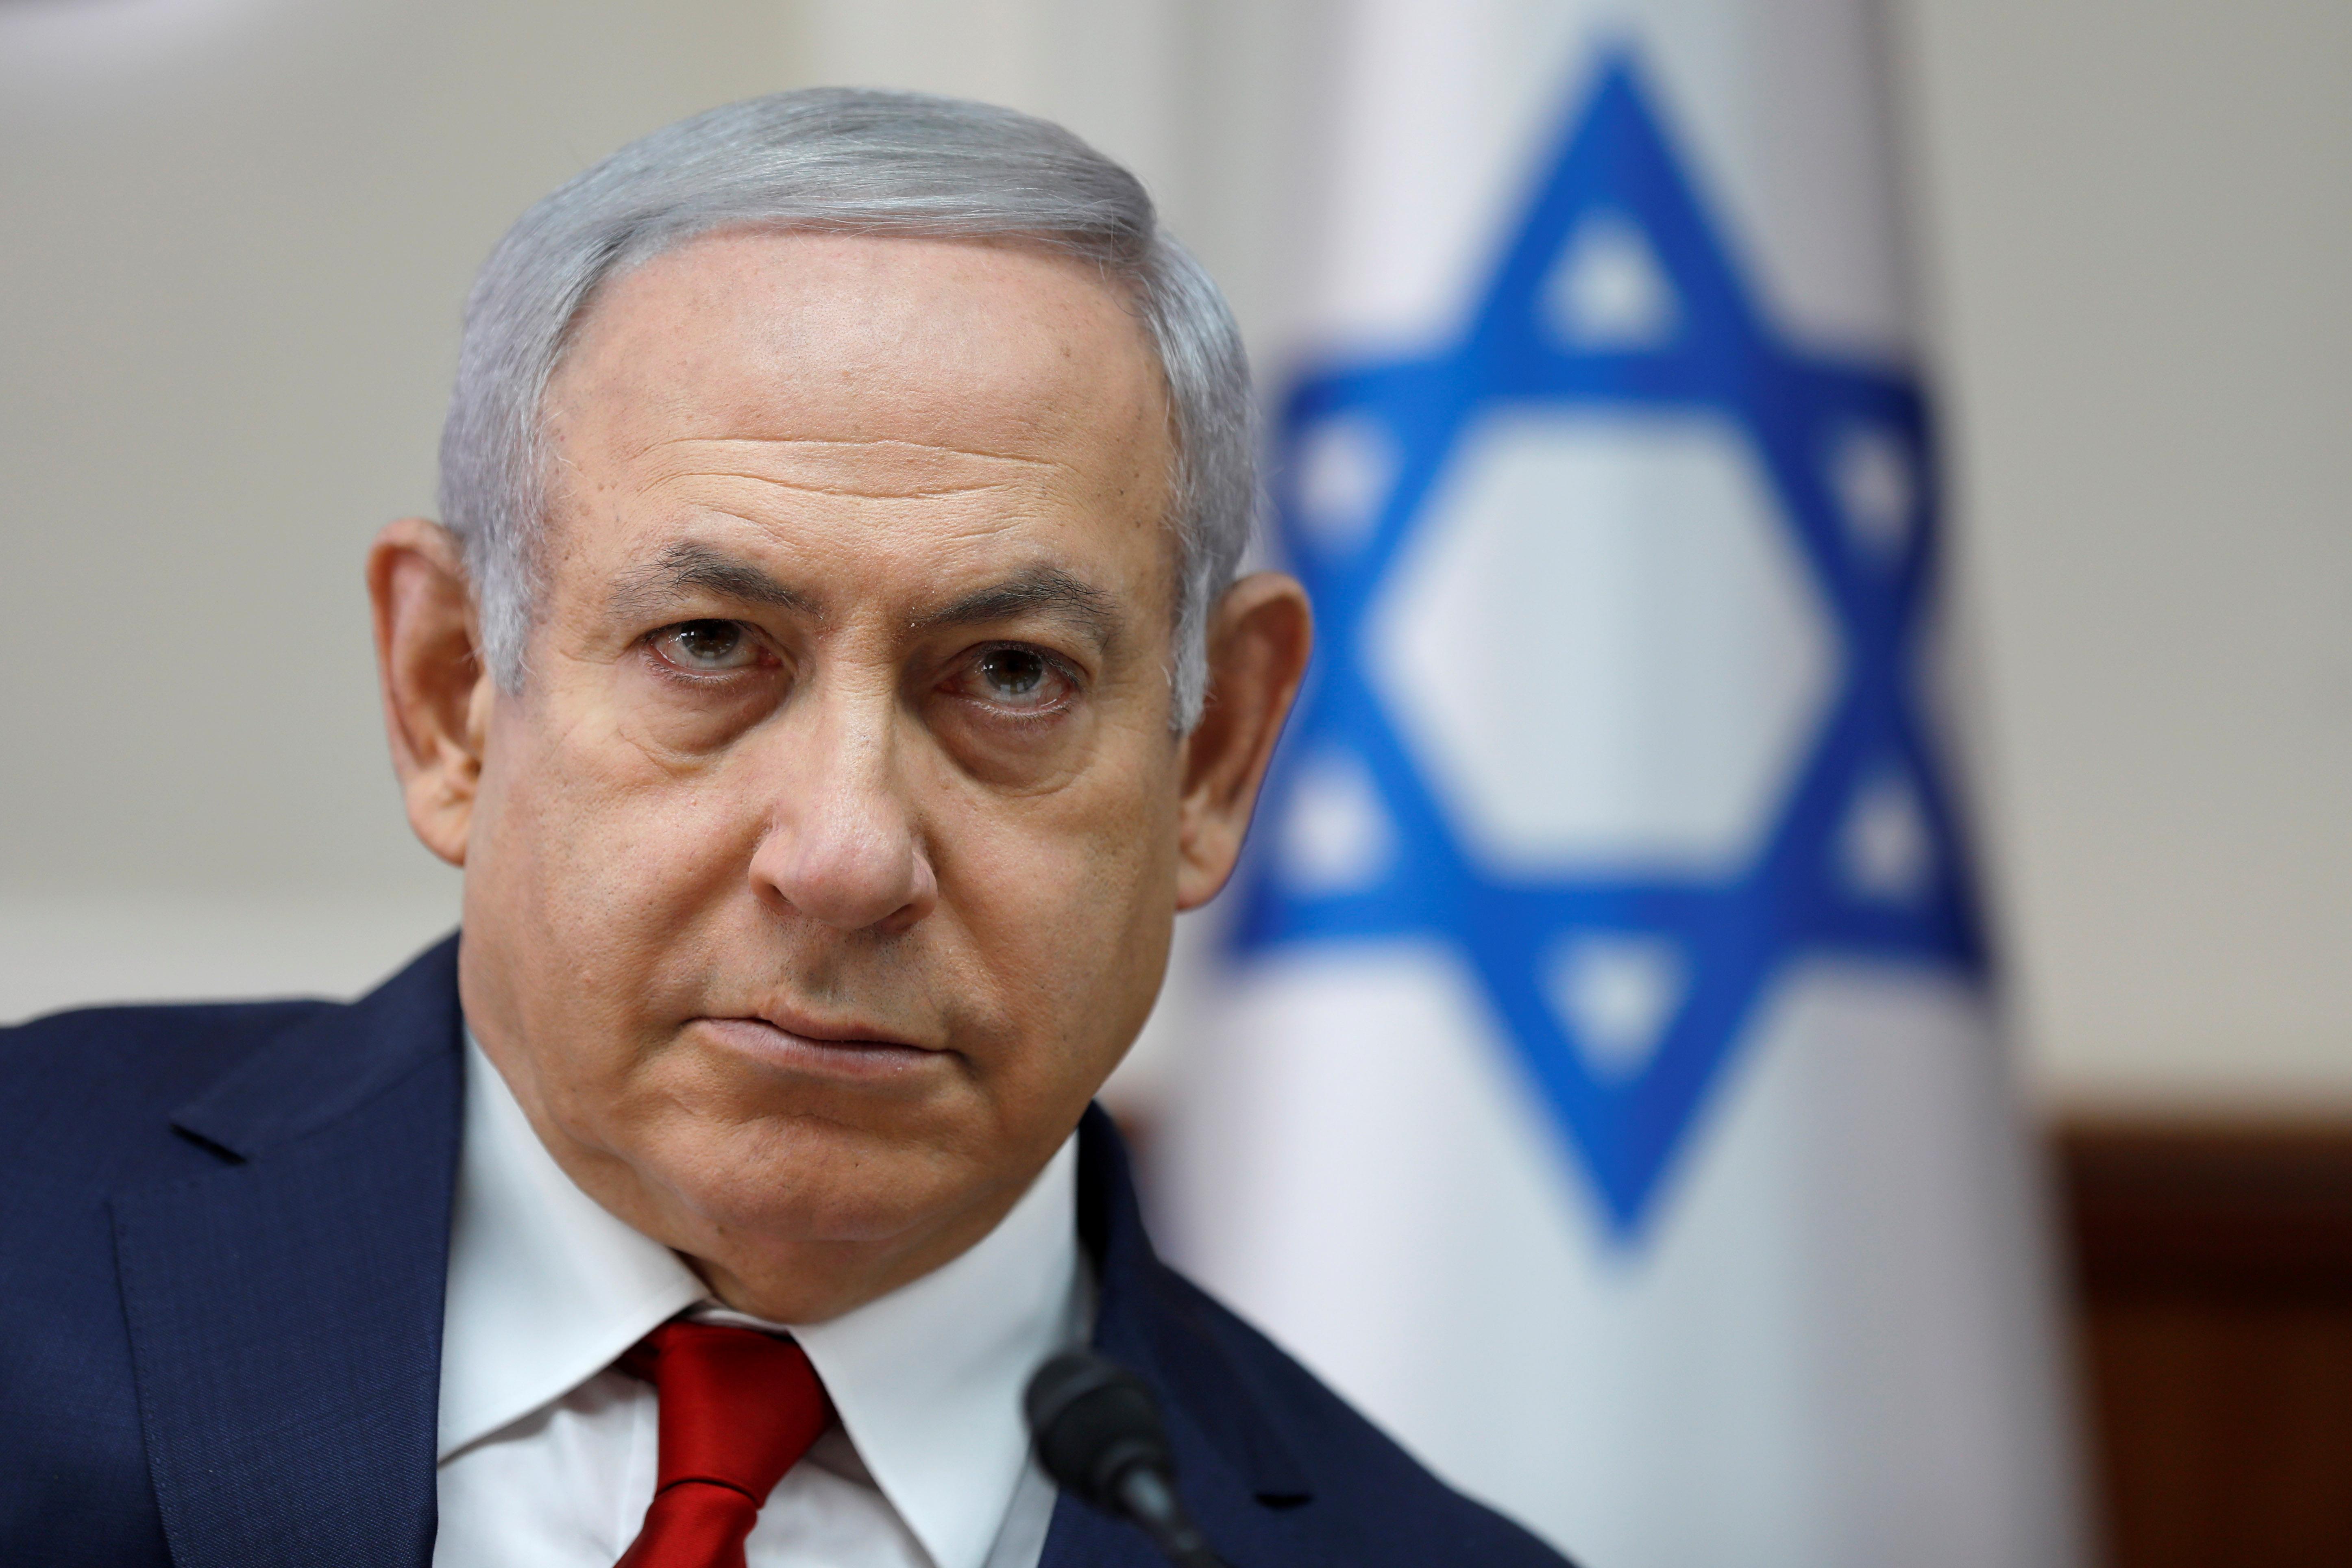 netanyahu-en-campagne-pour-eviter-des-elections-anticipees